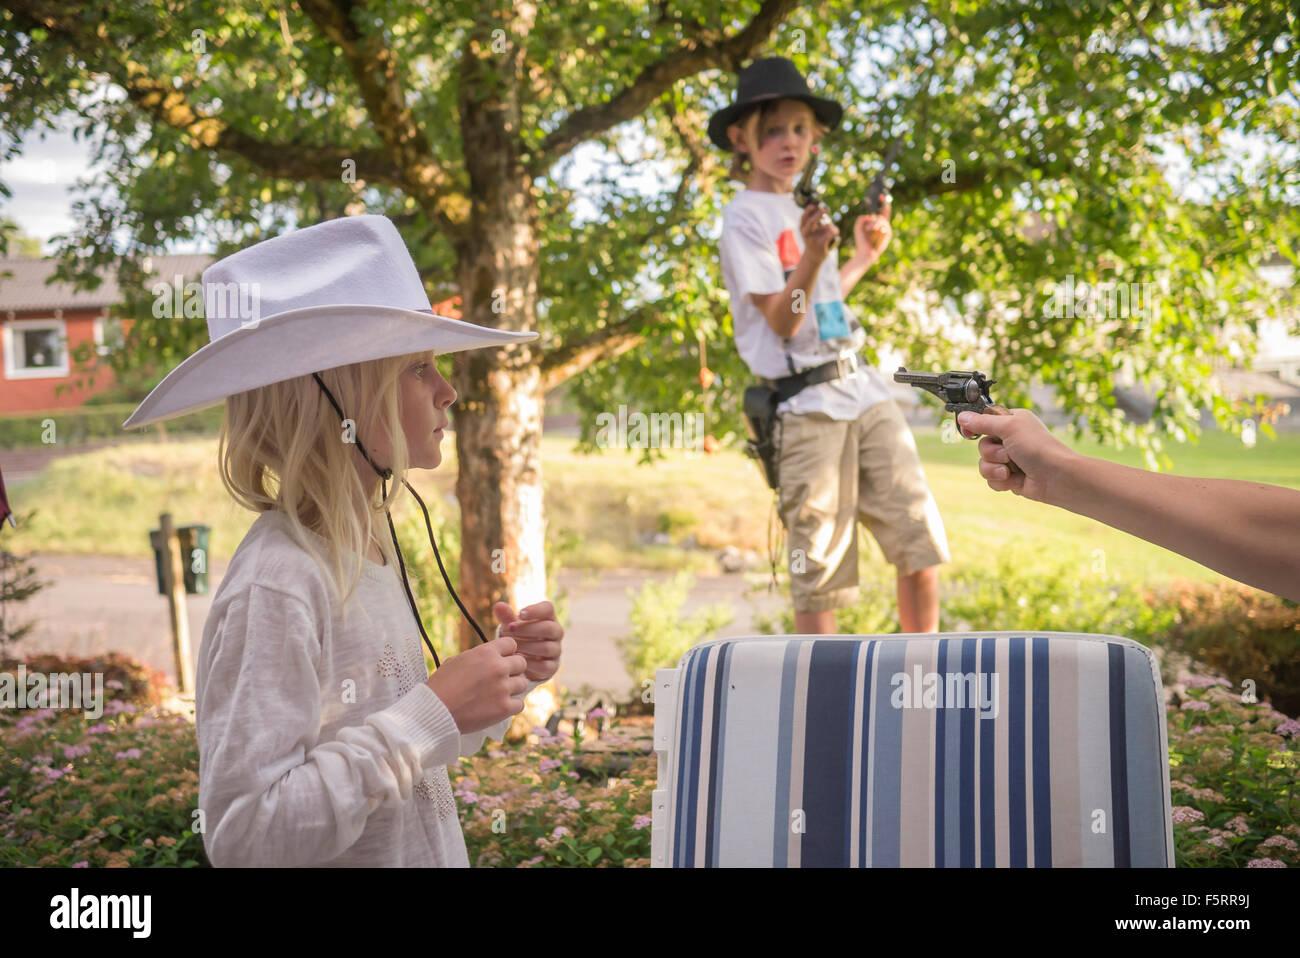 La Suède, Smaland, Bad Saulgau, maman de jouer avec ses enfants (8-9, 10-11) dans l'arrière-cour Photo Stock